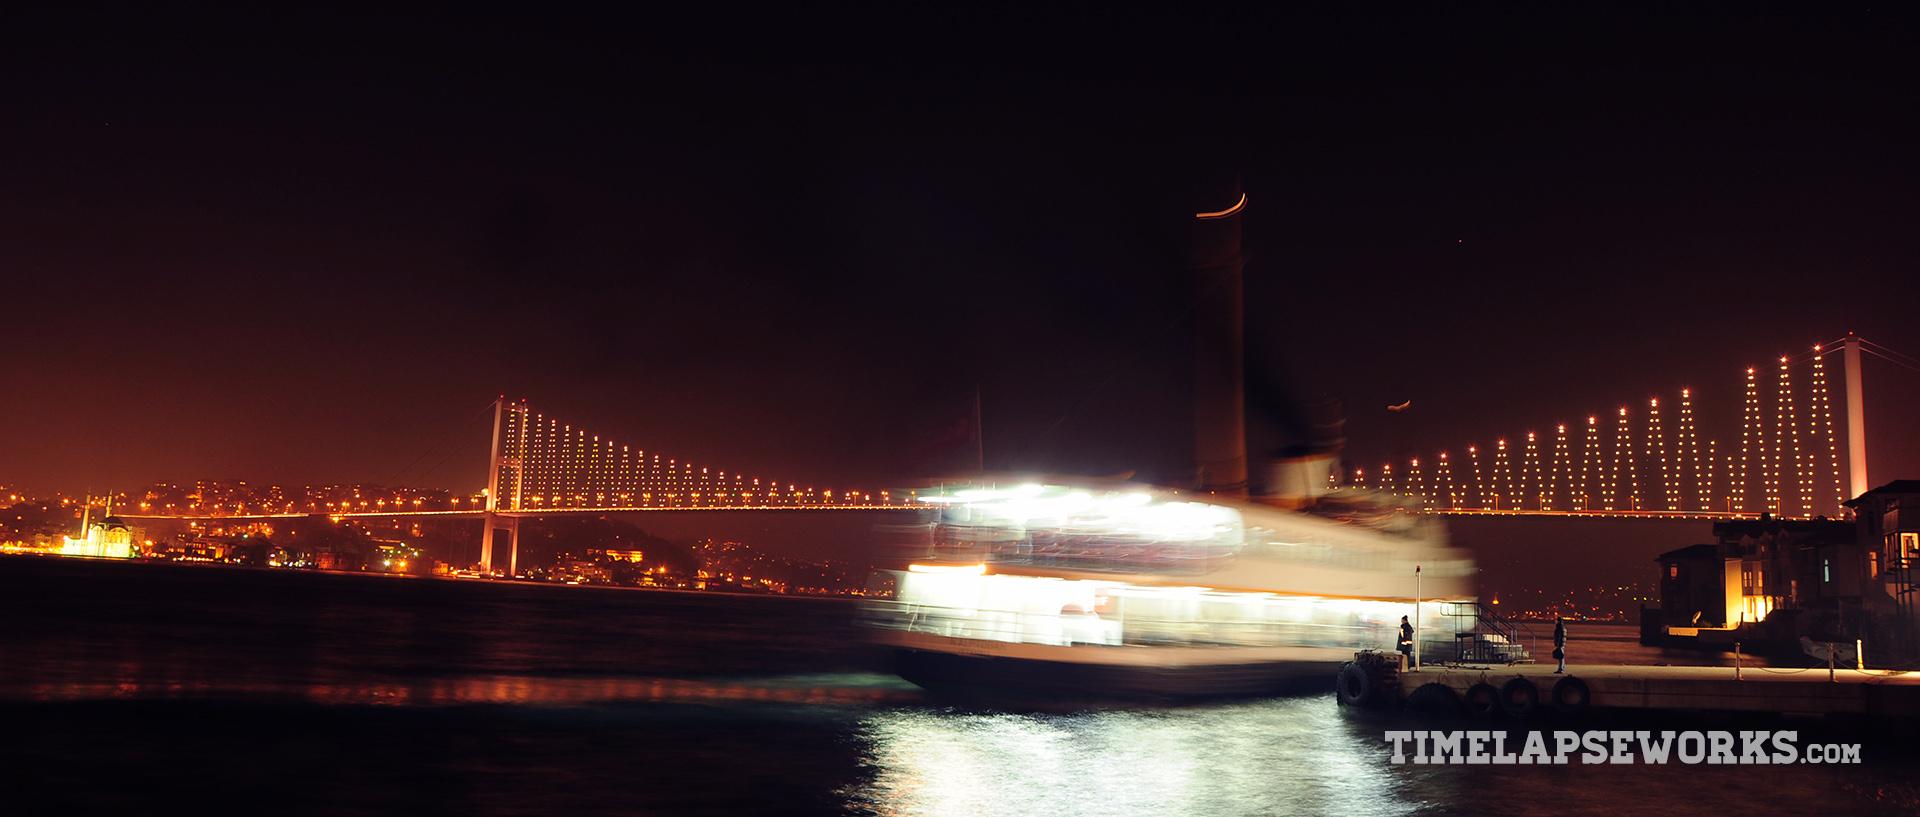 istanbul timelapse // istanbul in motion // bosphorus bridge, bosphorus